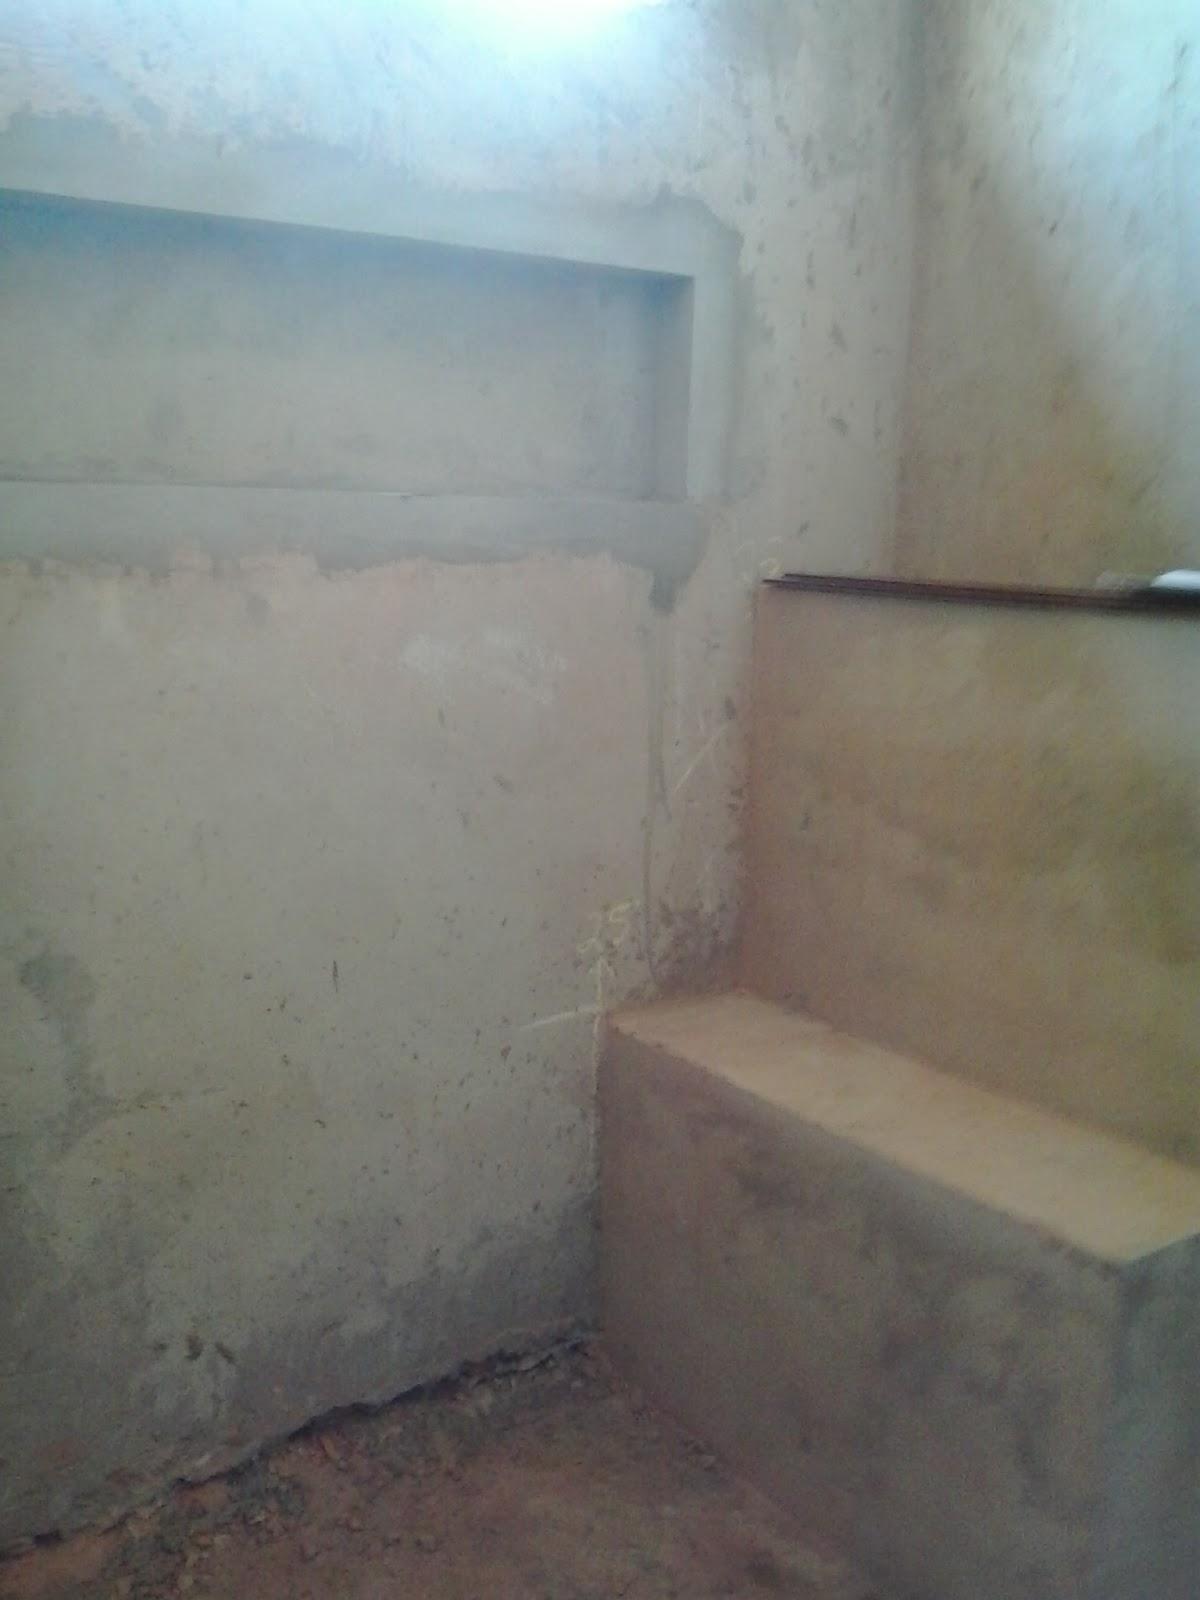 Banco no chuveiro Casa pra Casá #357F96 1200 1600